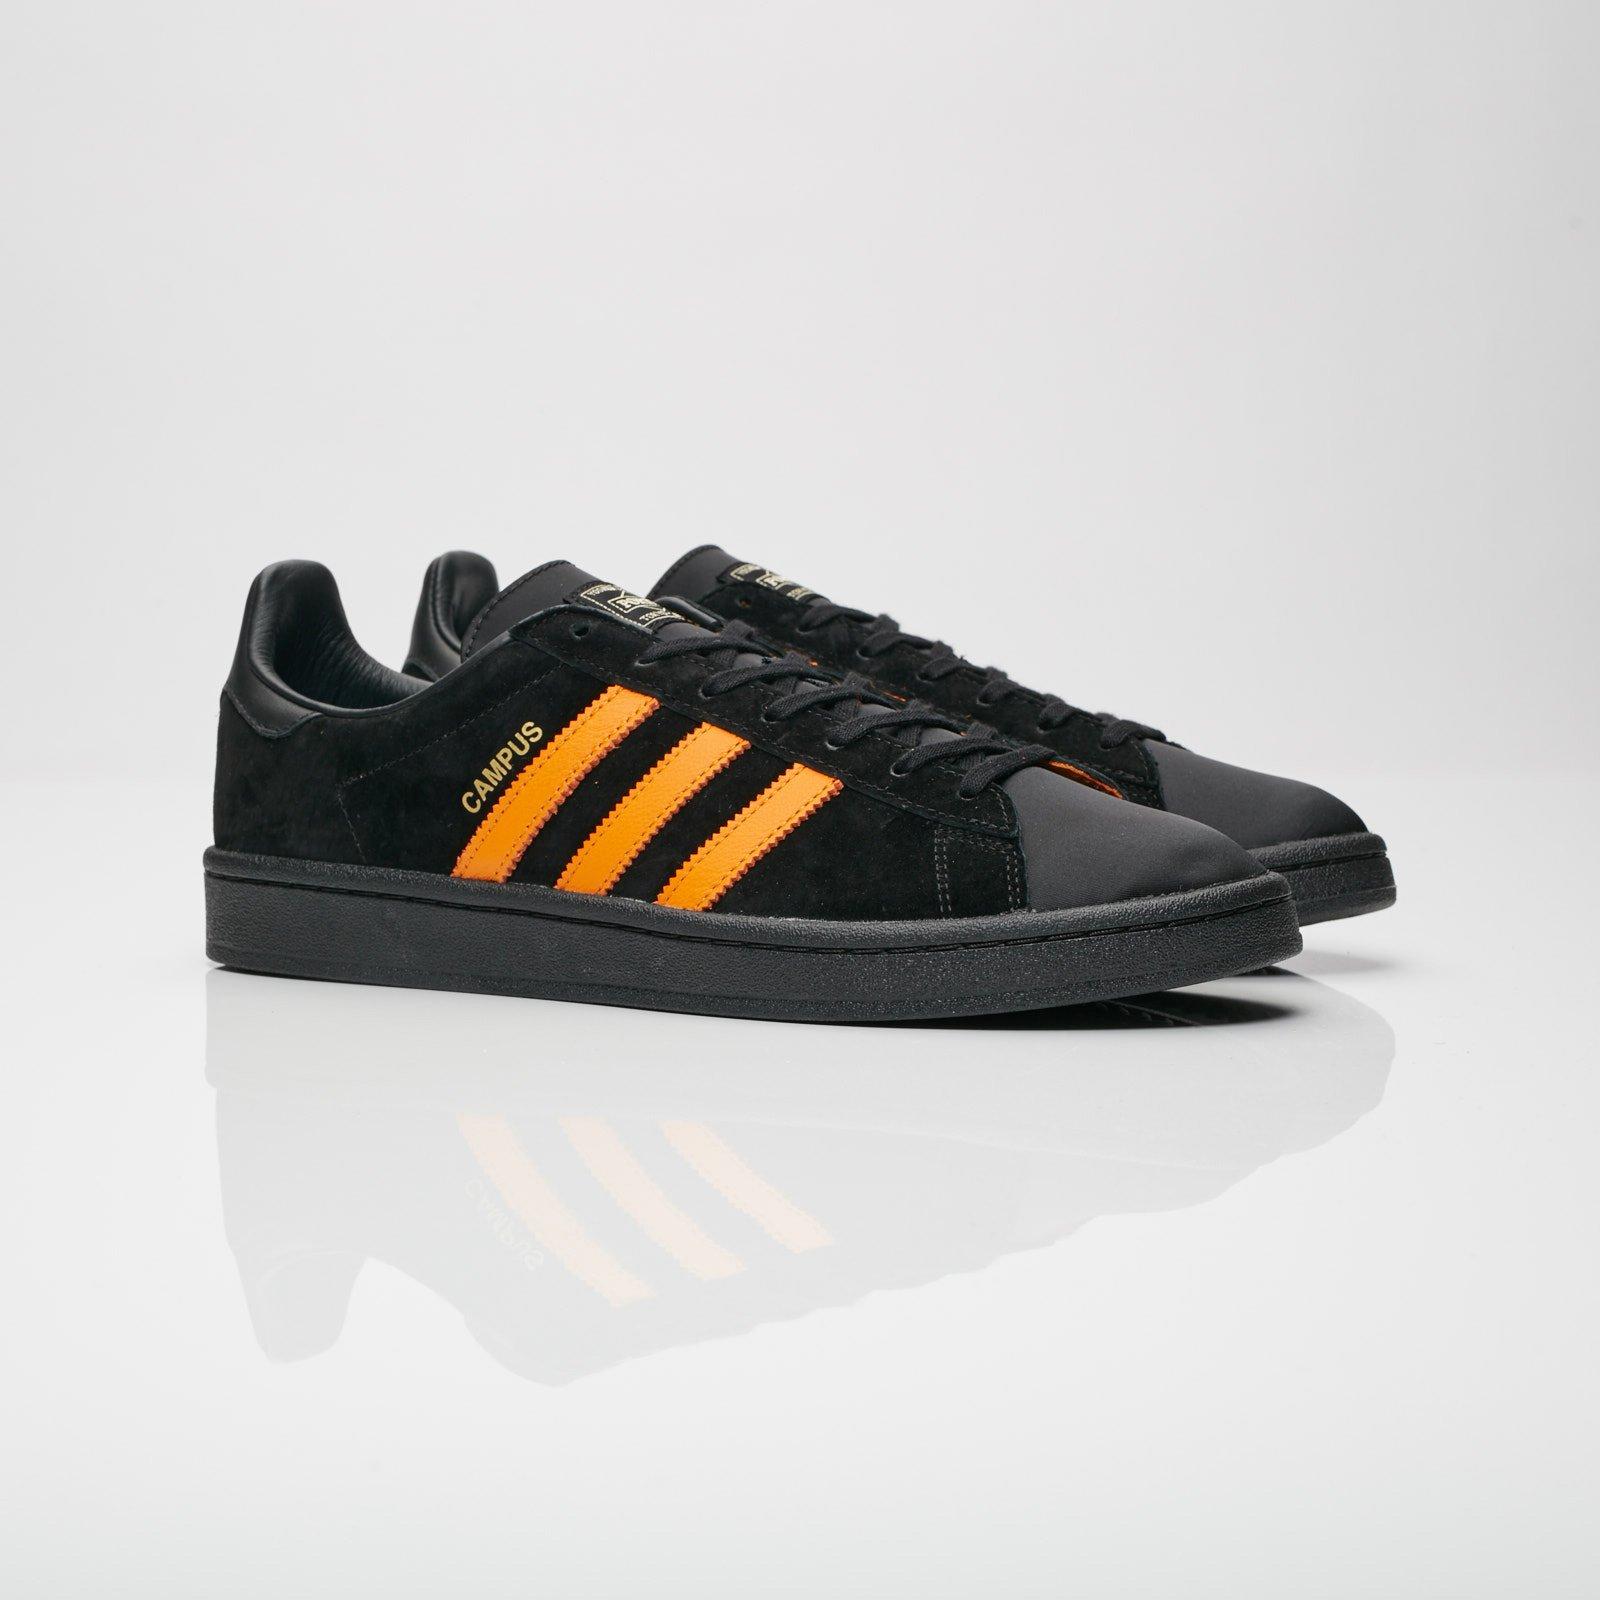 Sneakersnstuff  New releases and this weeks raffles  99253de99